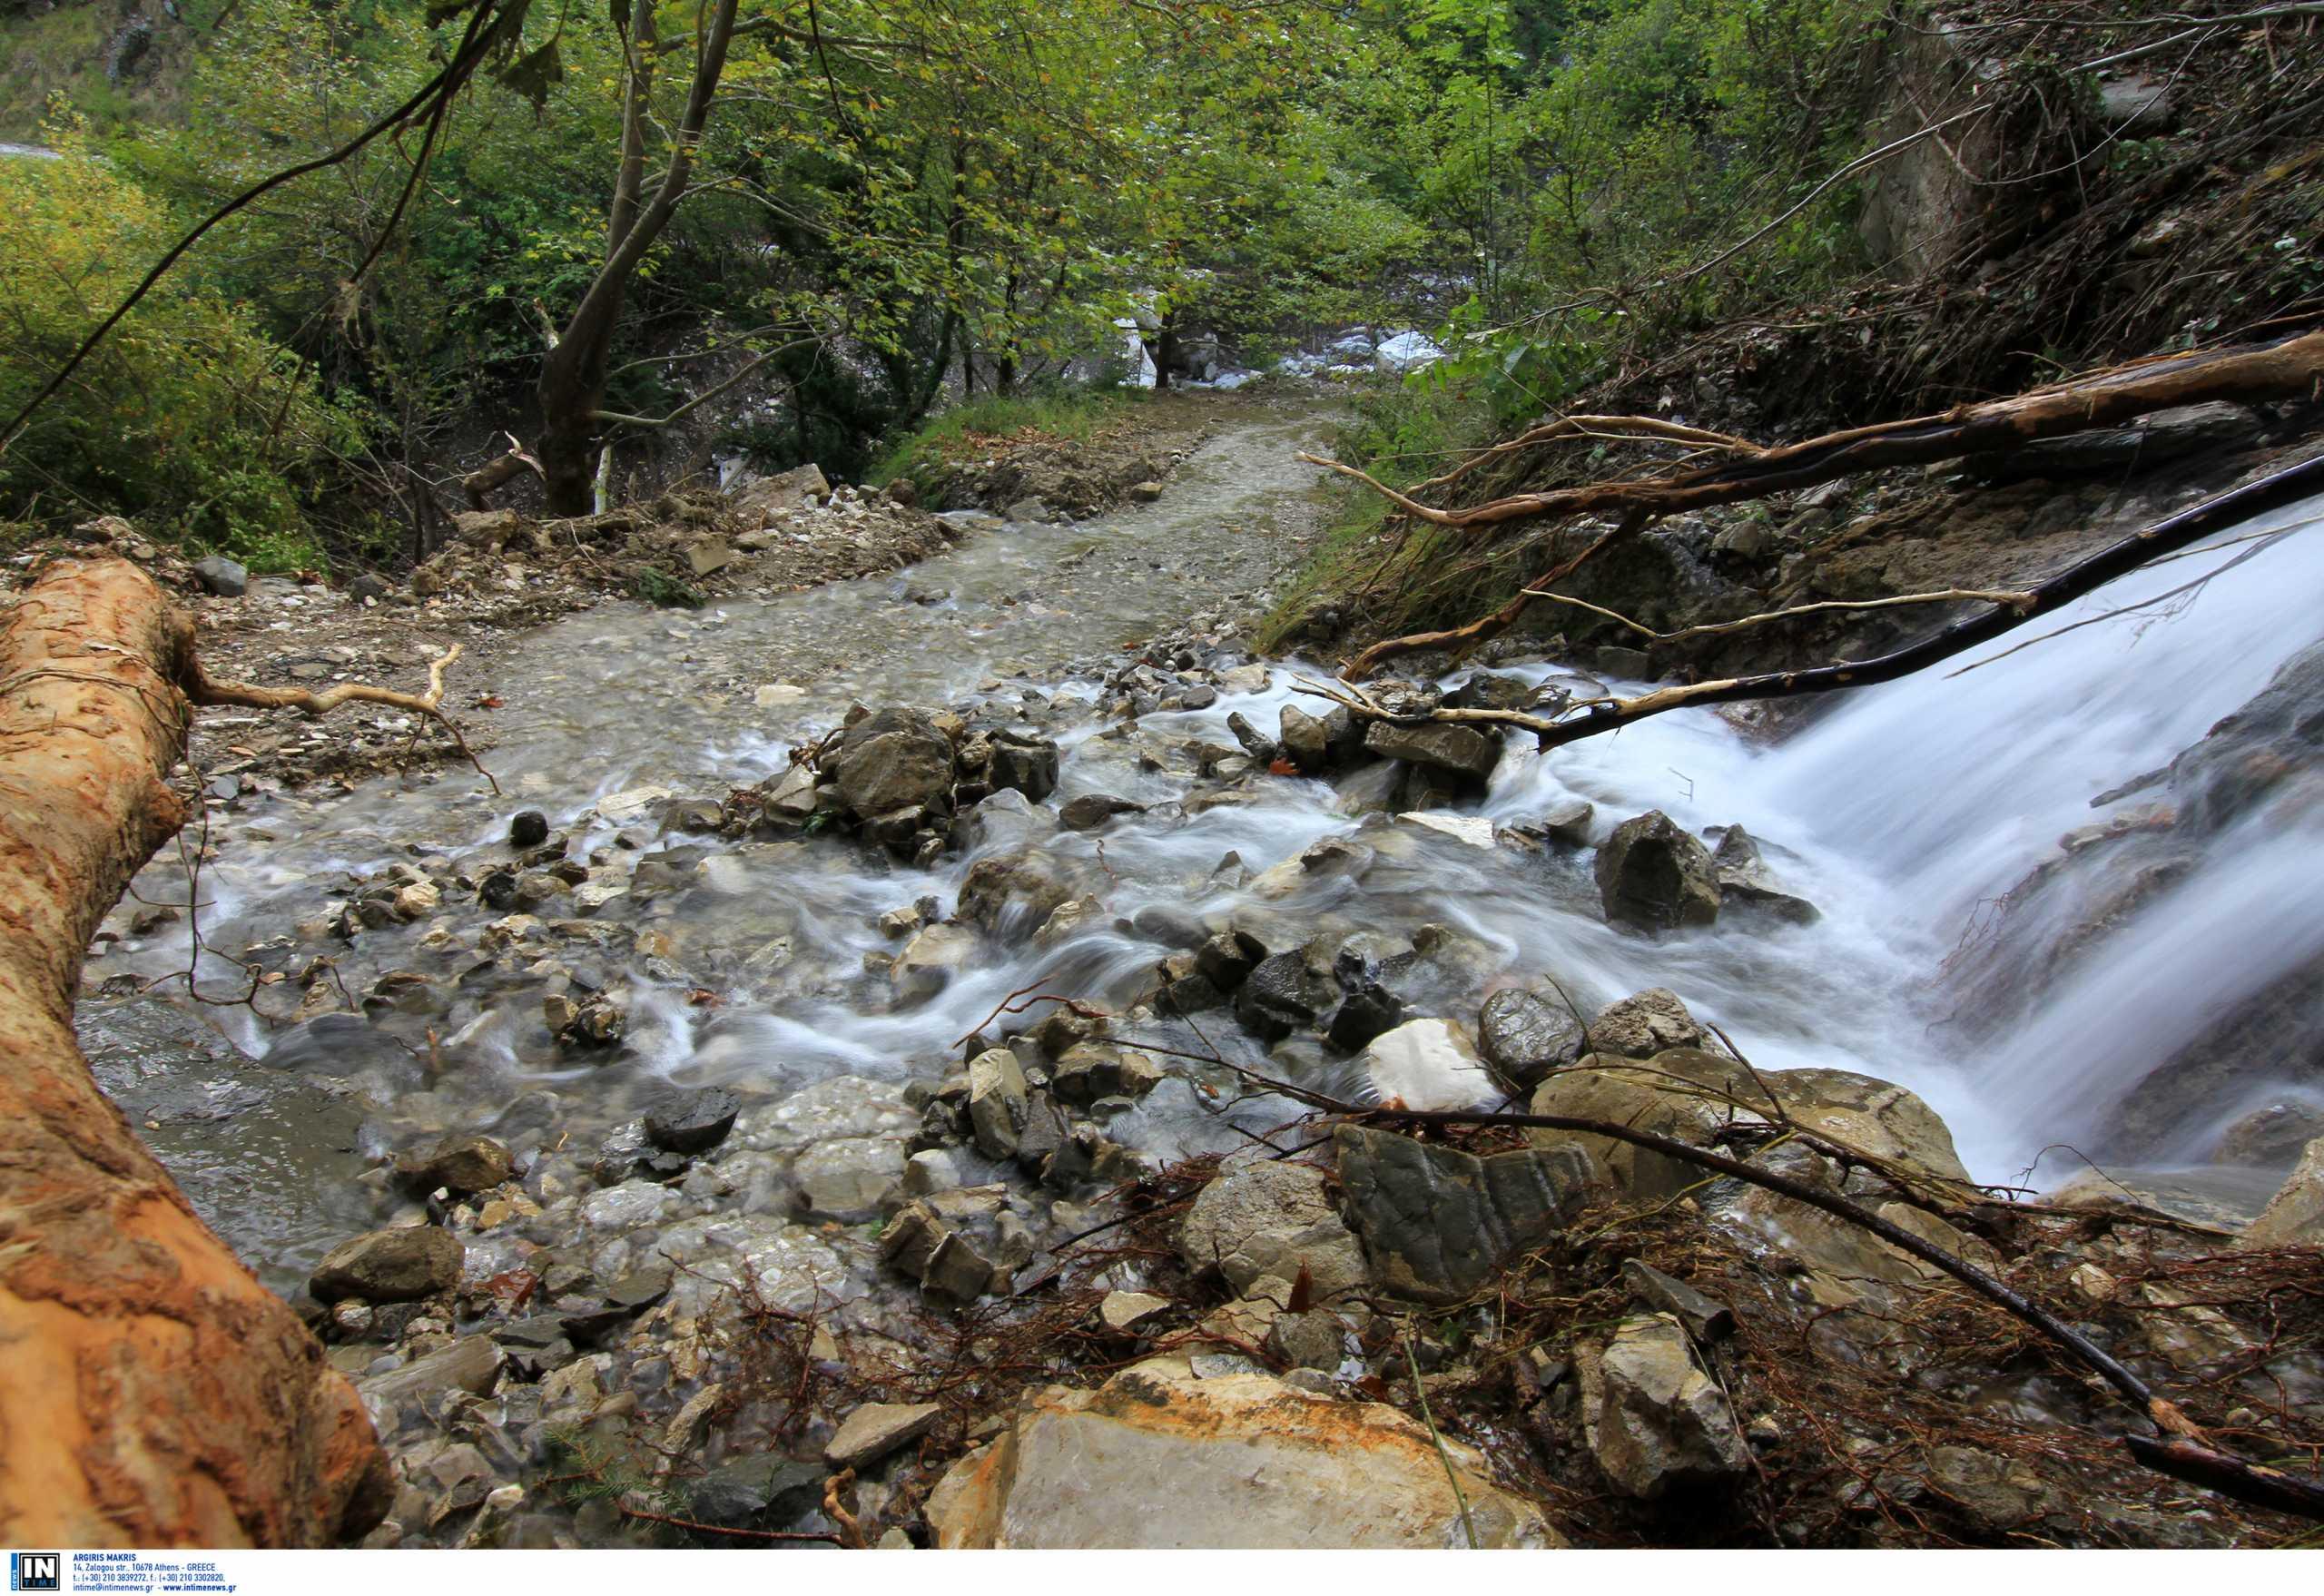 Λίμνη Πλαστήρα: Κατολισθήσεις από τους συνεχείς βροχοπτώσεις